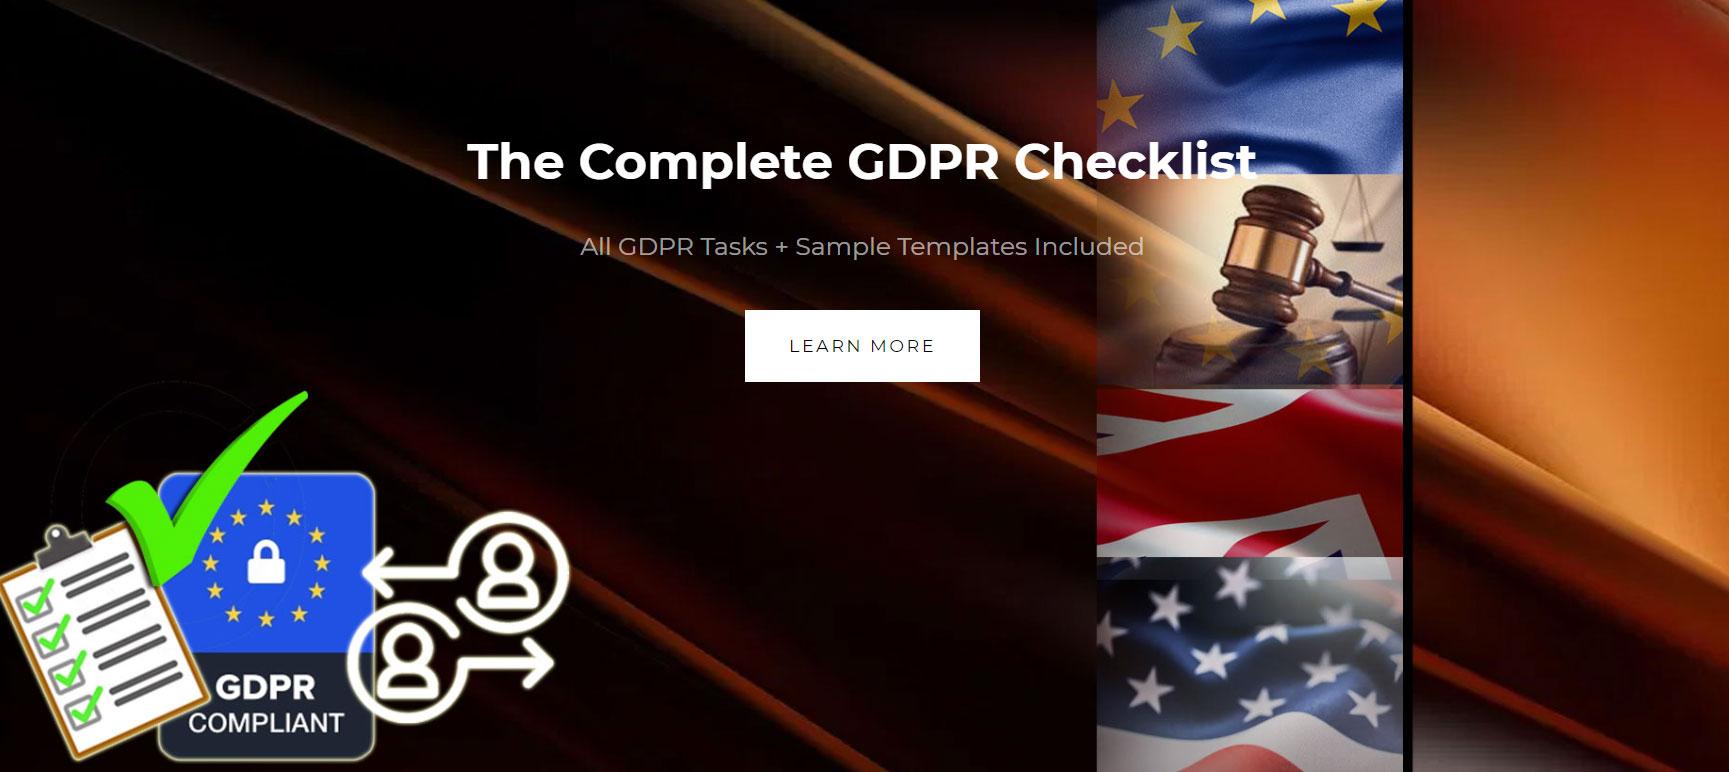 gdpr checklist small image